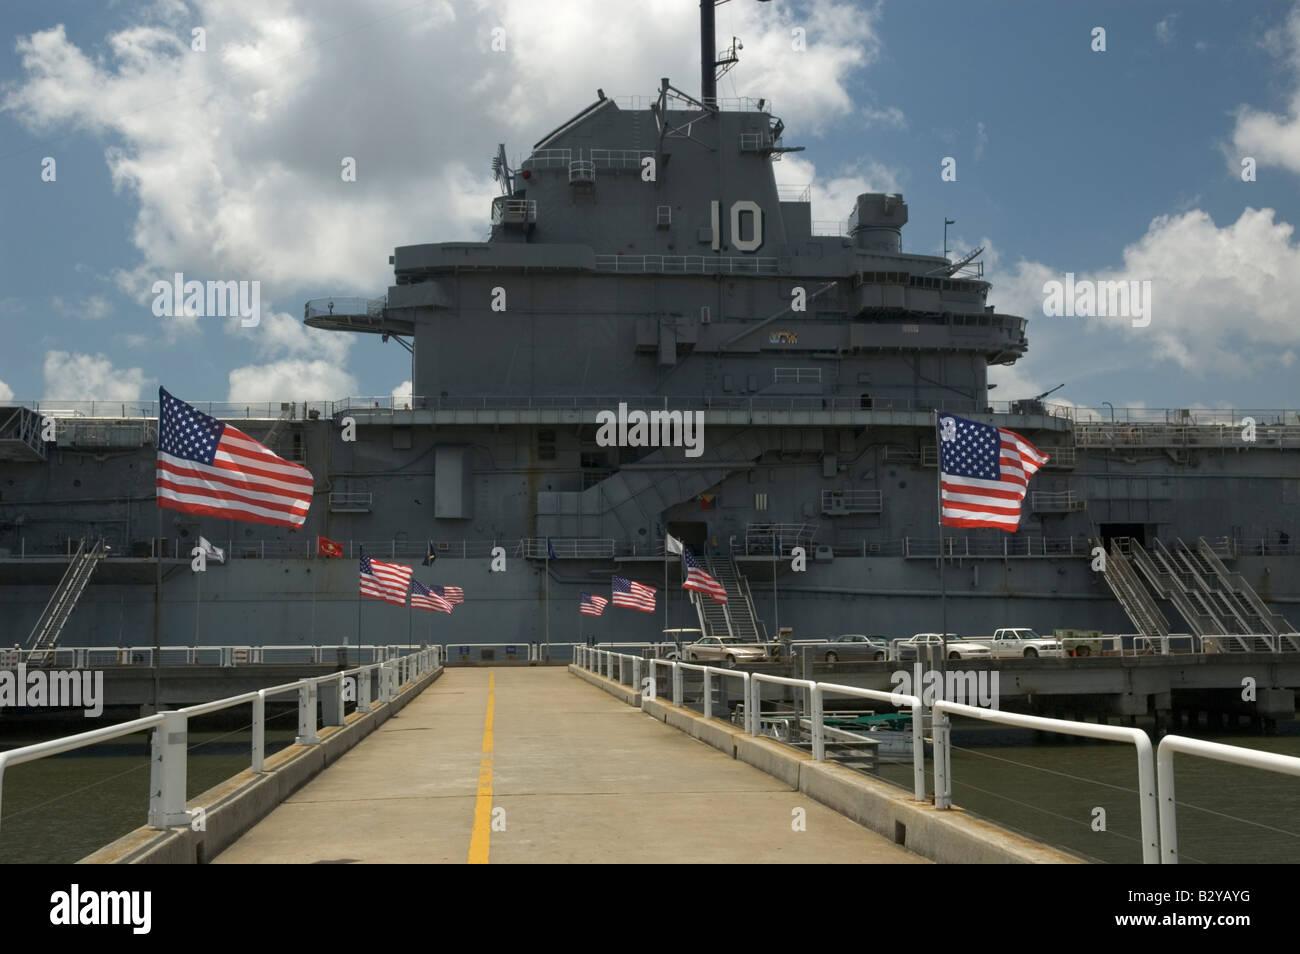 Die Uss Yorktown Cv 10 Auf Dem Display An Der Patriots Point Museum